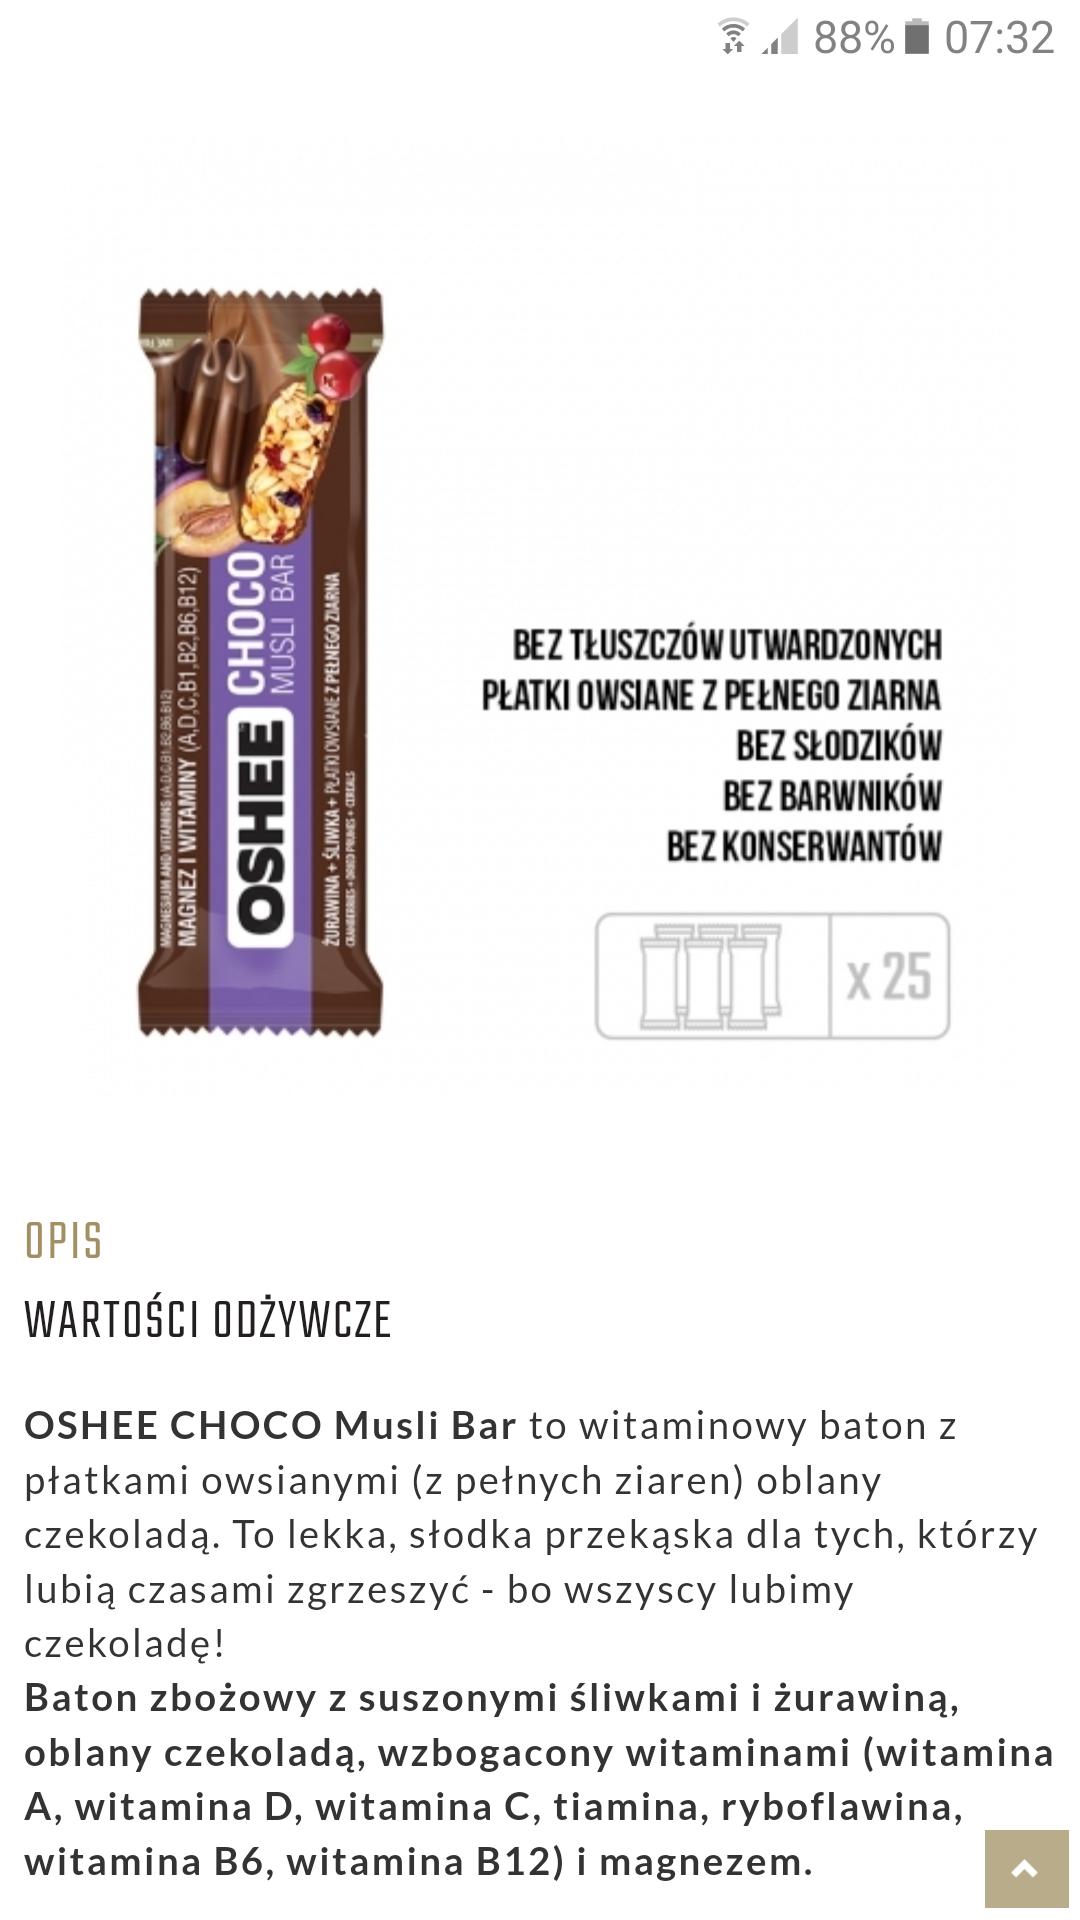 OSHEE baton musli oblany czekoladą śliwka/żurawina 45g. Gdańsk-sklep Merkus